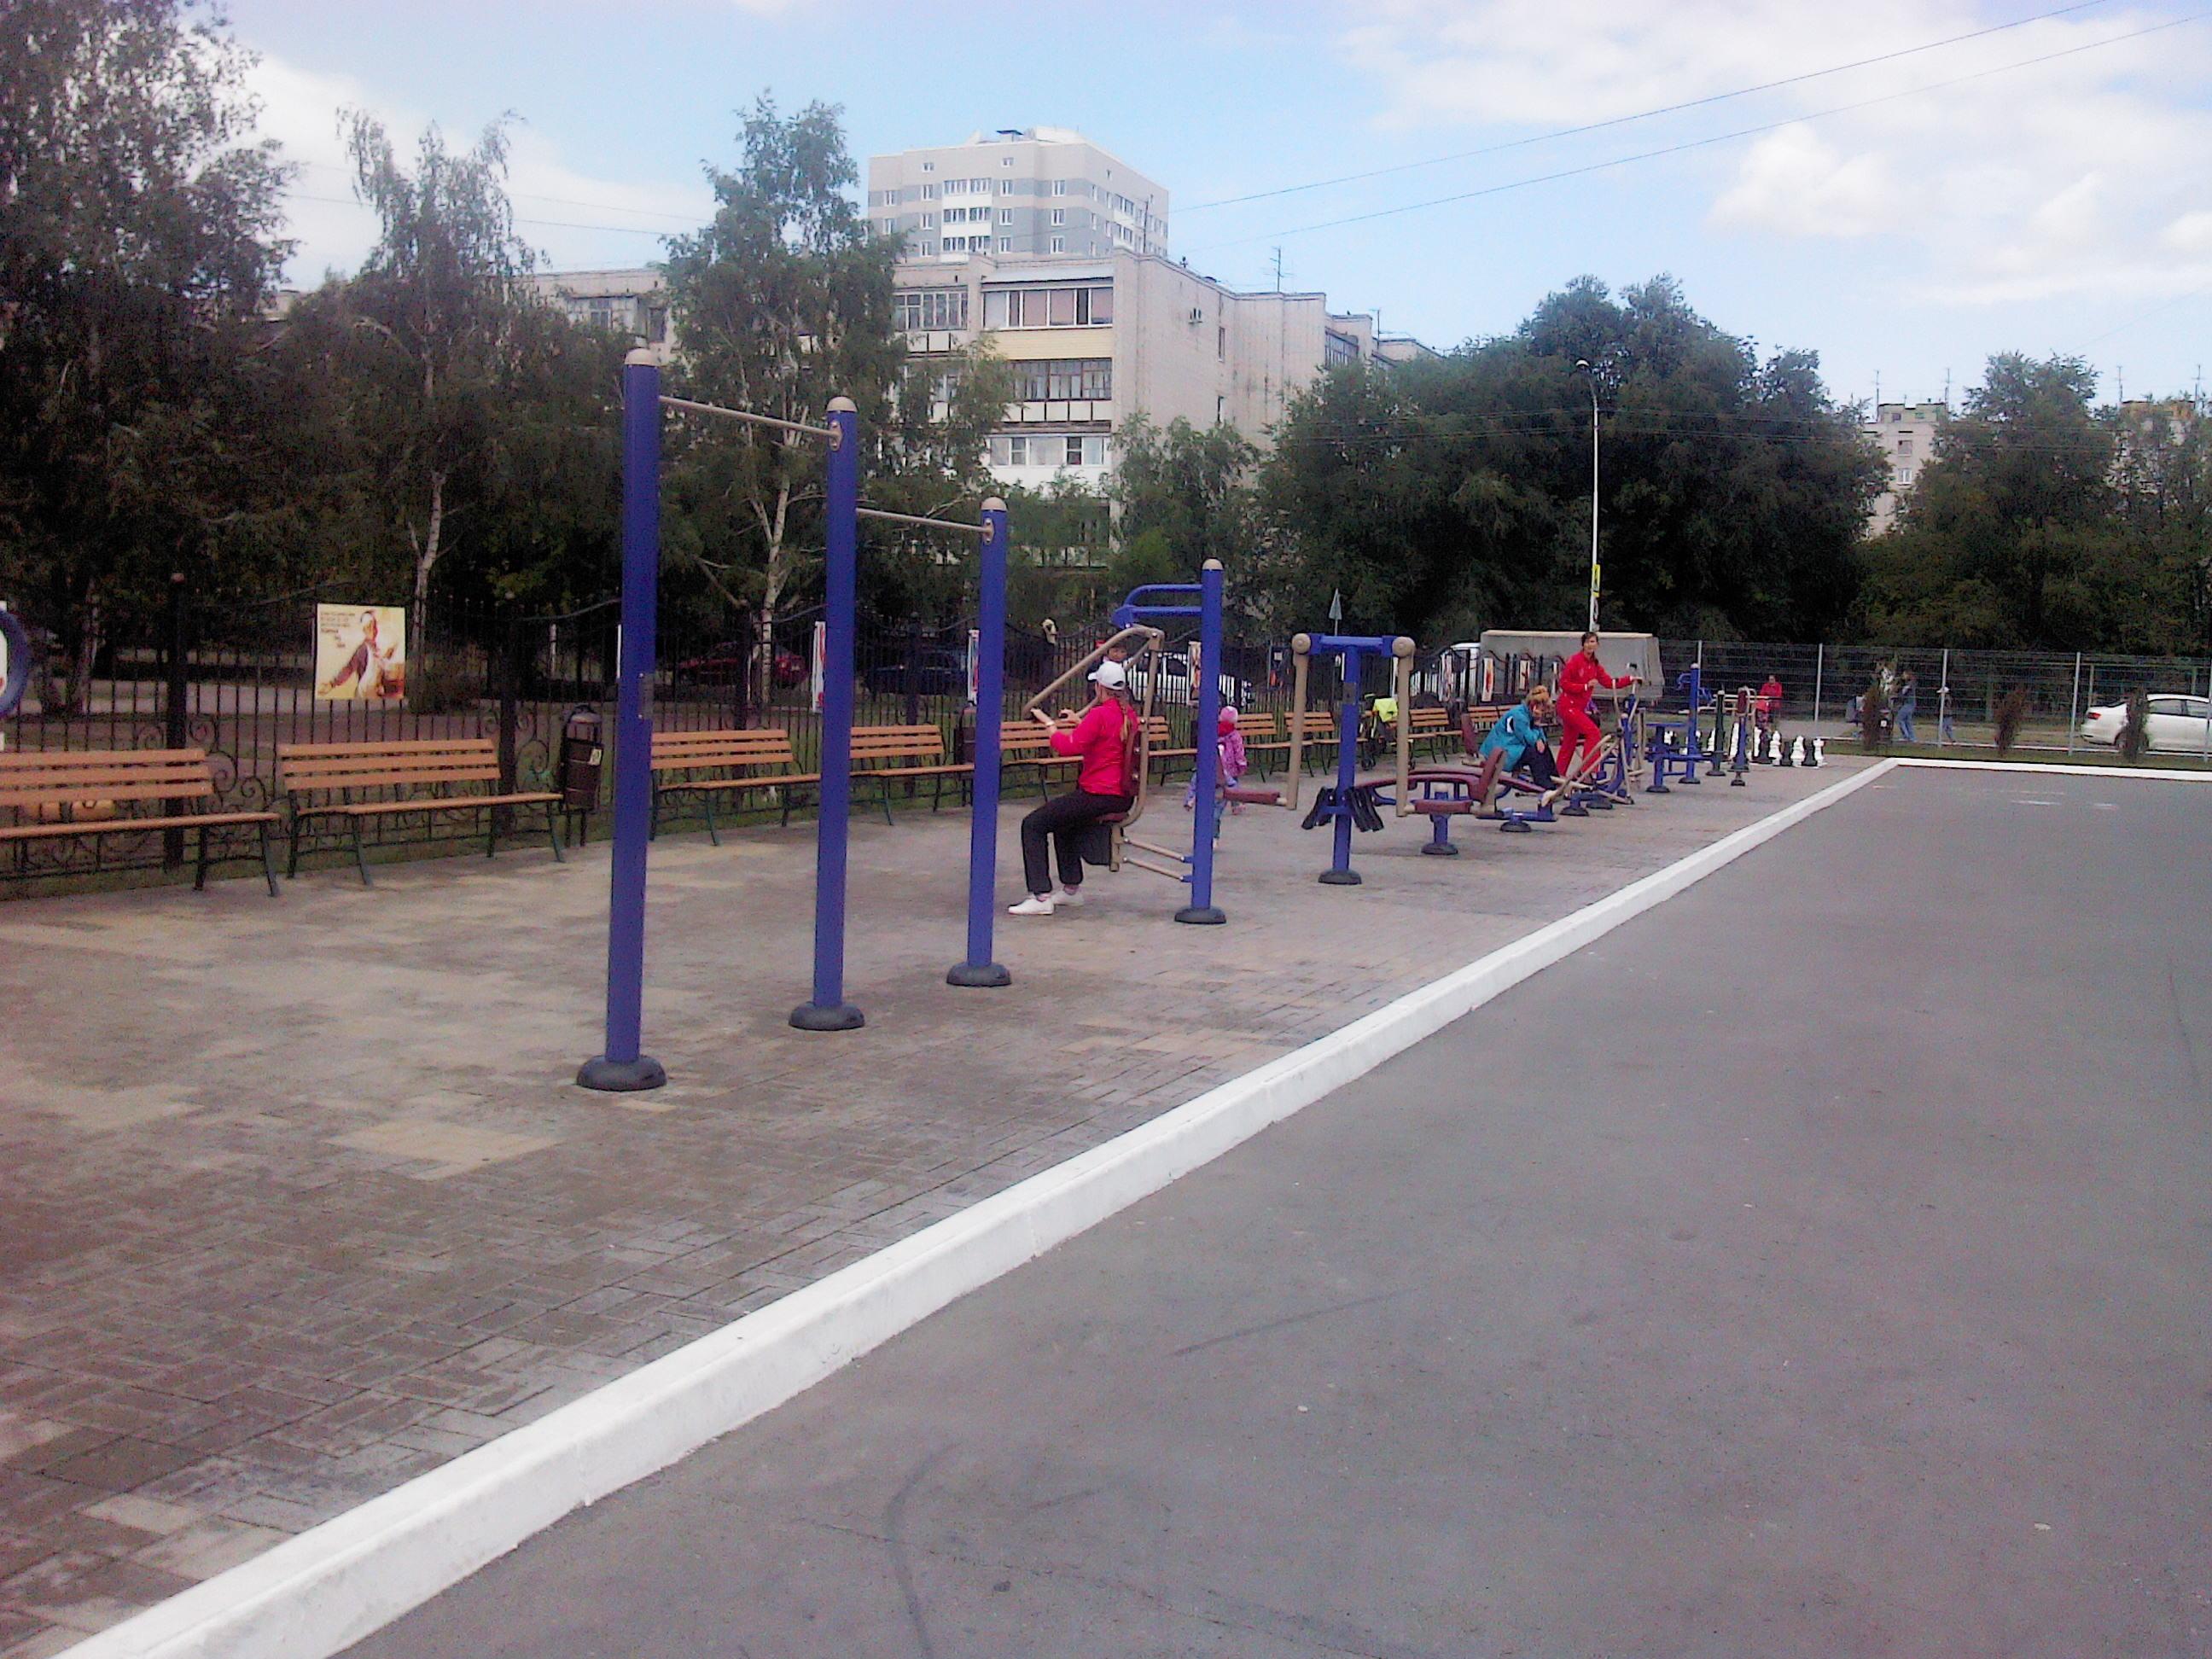 Закажите игровые комплексы - проект детской площадки в подарок!